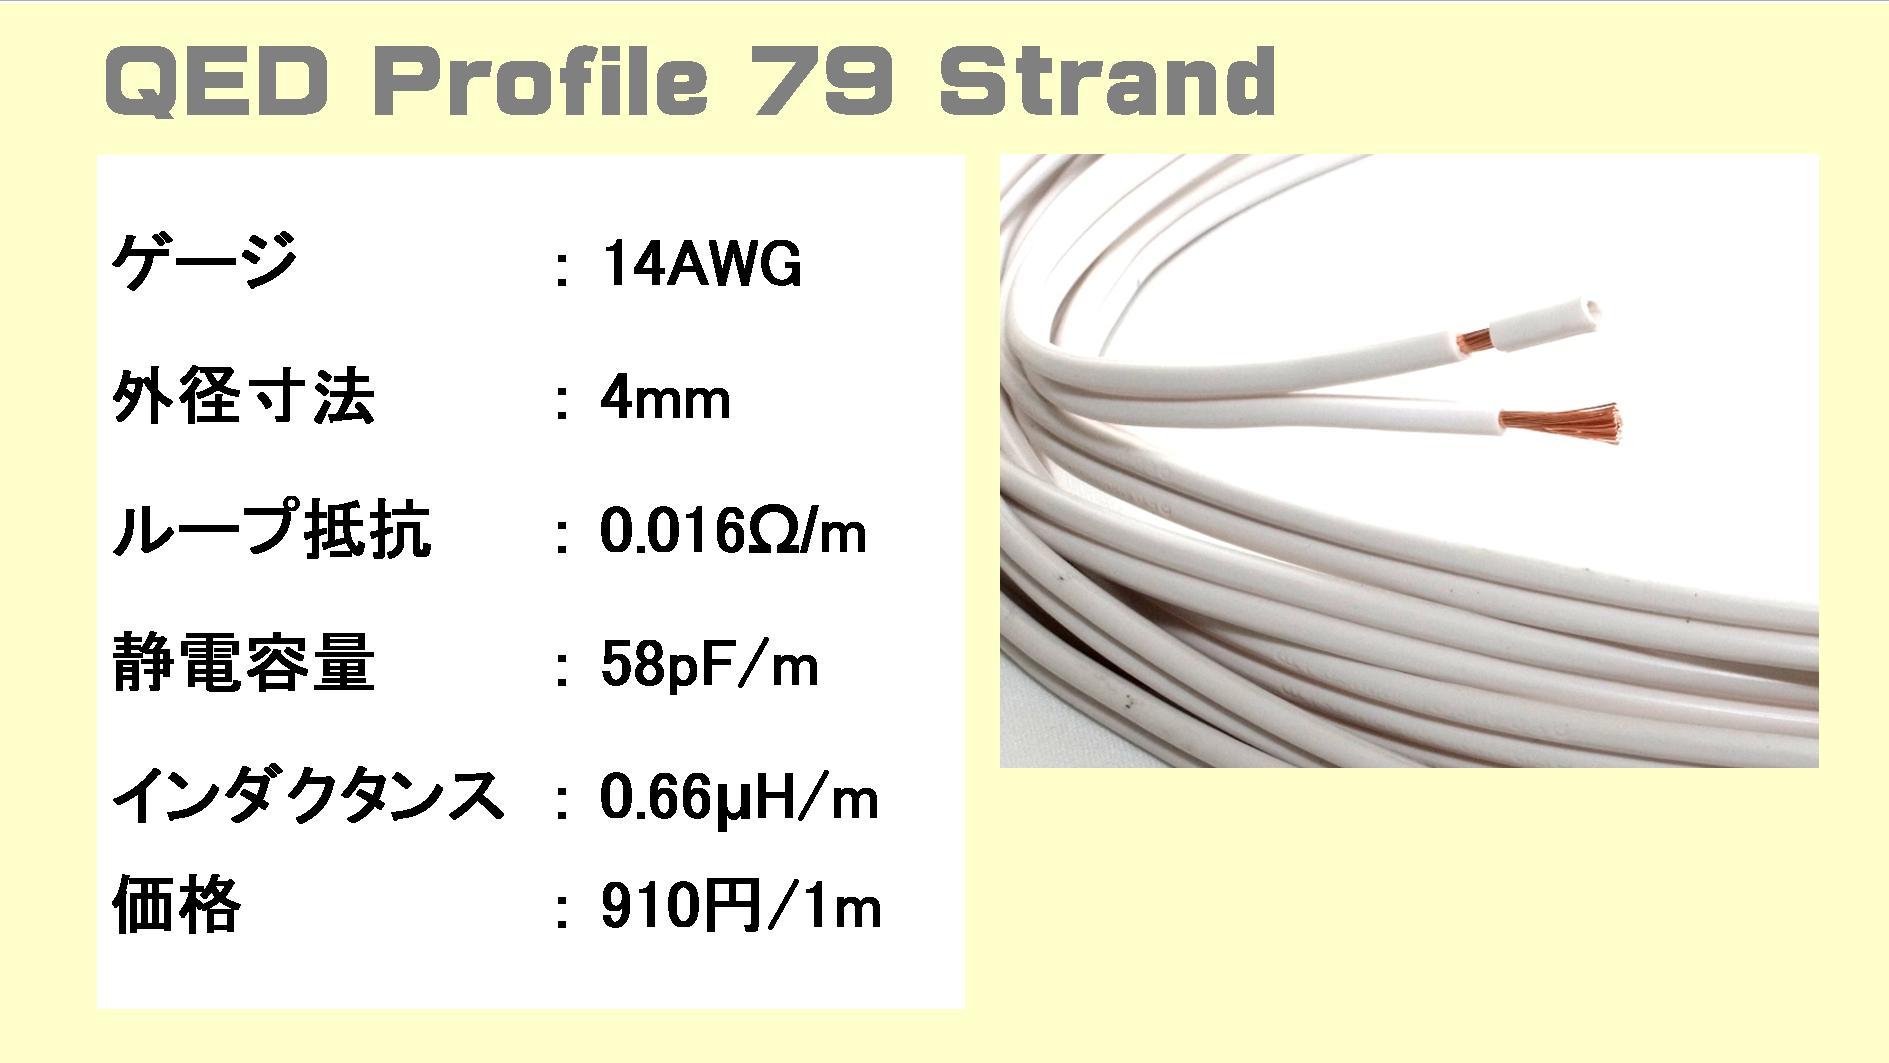 QED Profile79Strandの仕様表(スペック表)